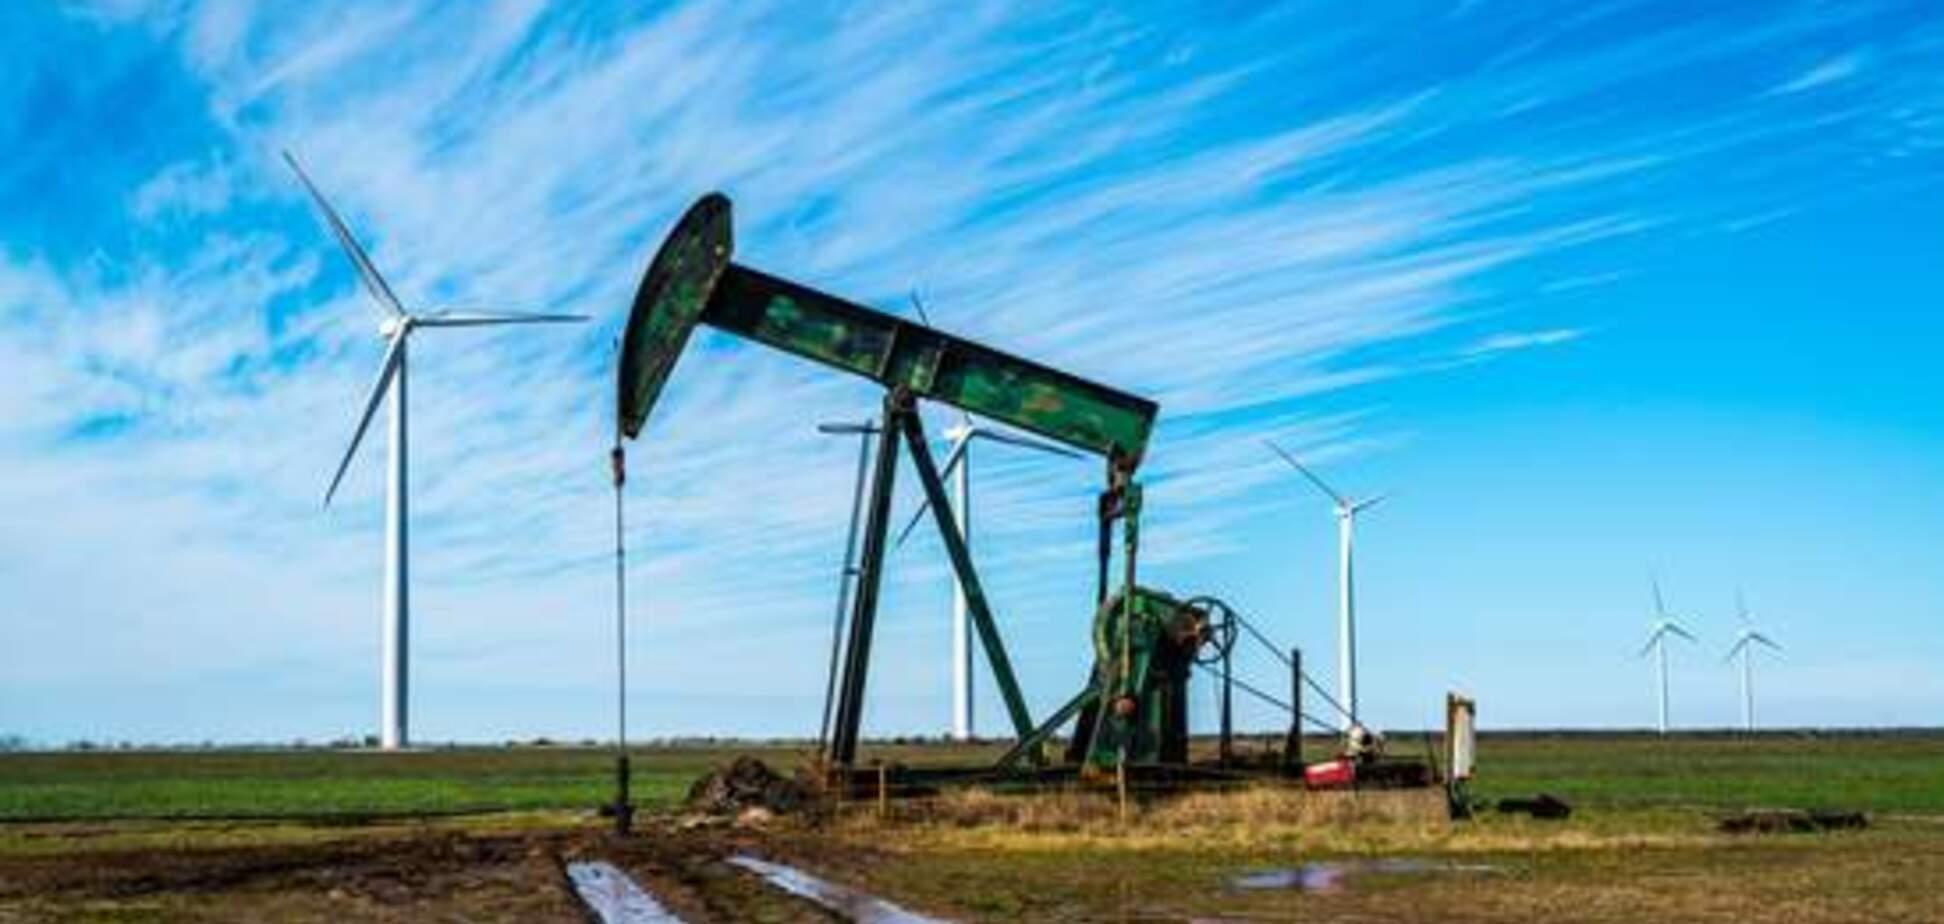 Глобальне падіння попиту на нафту: 'зеленій' енергетиці передбачили новий прорив